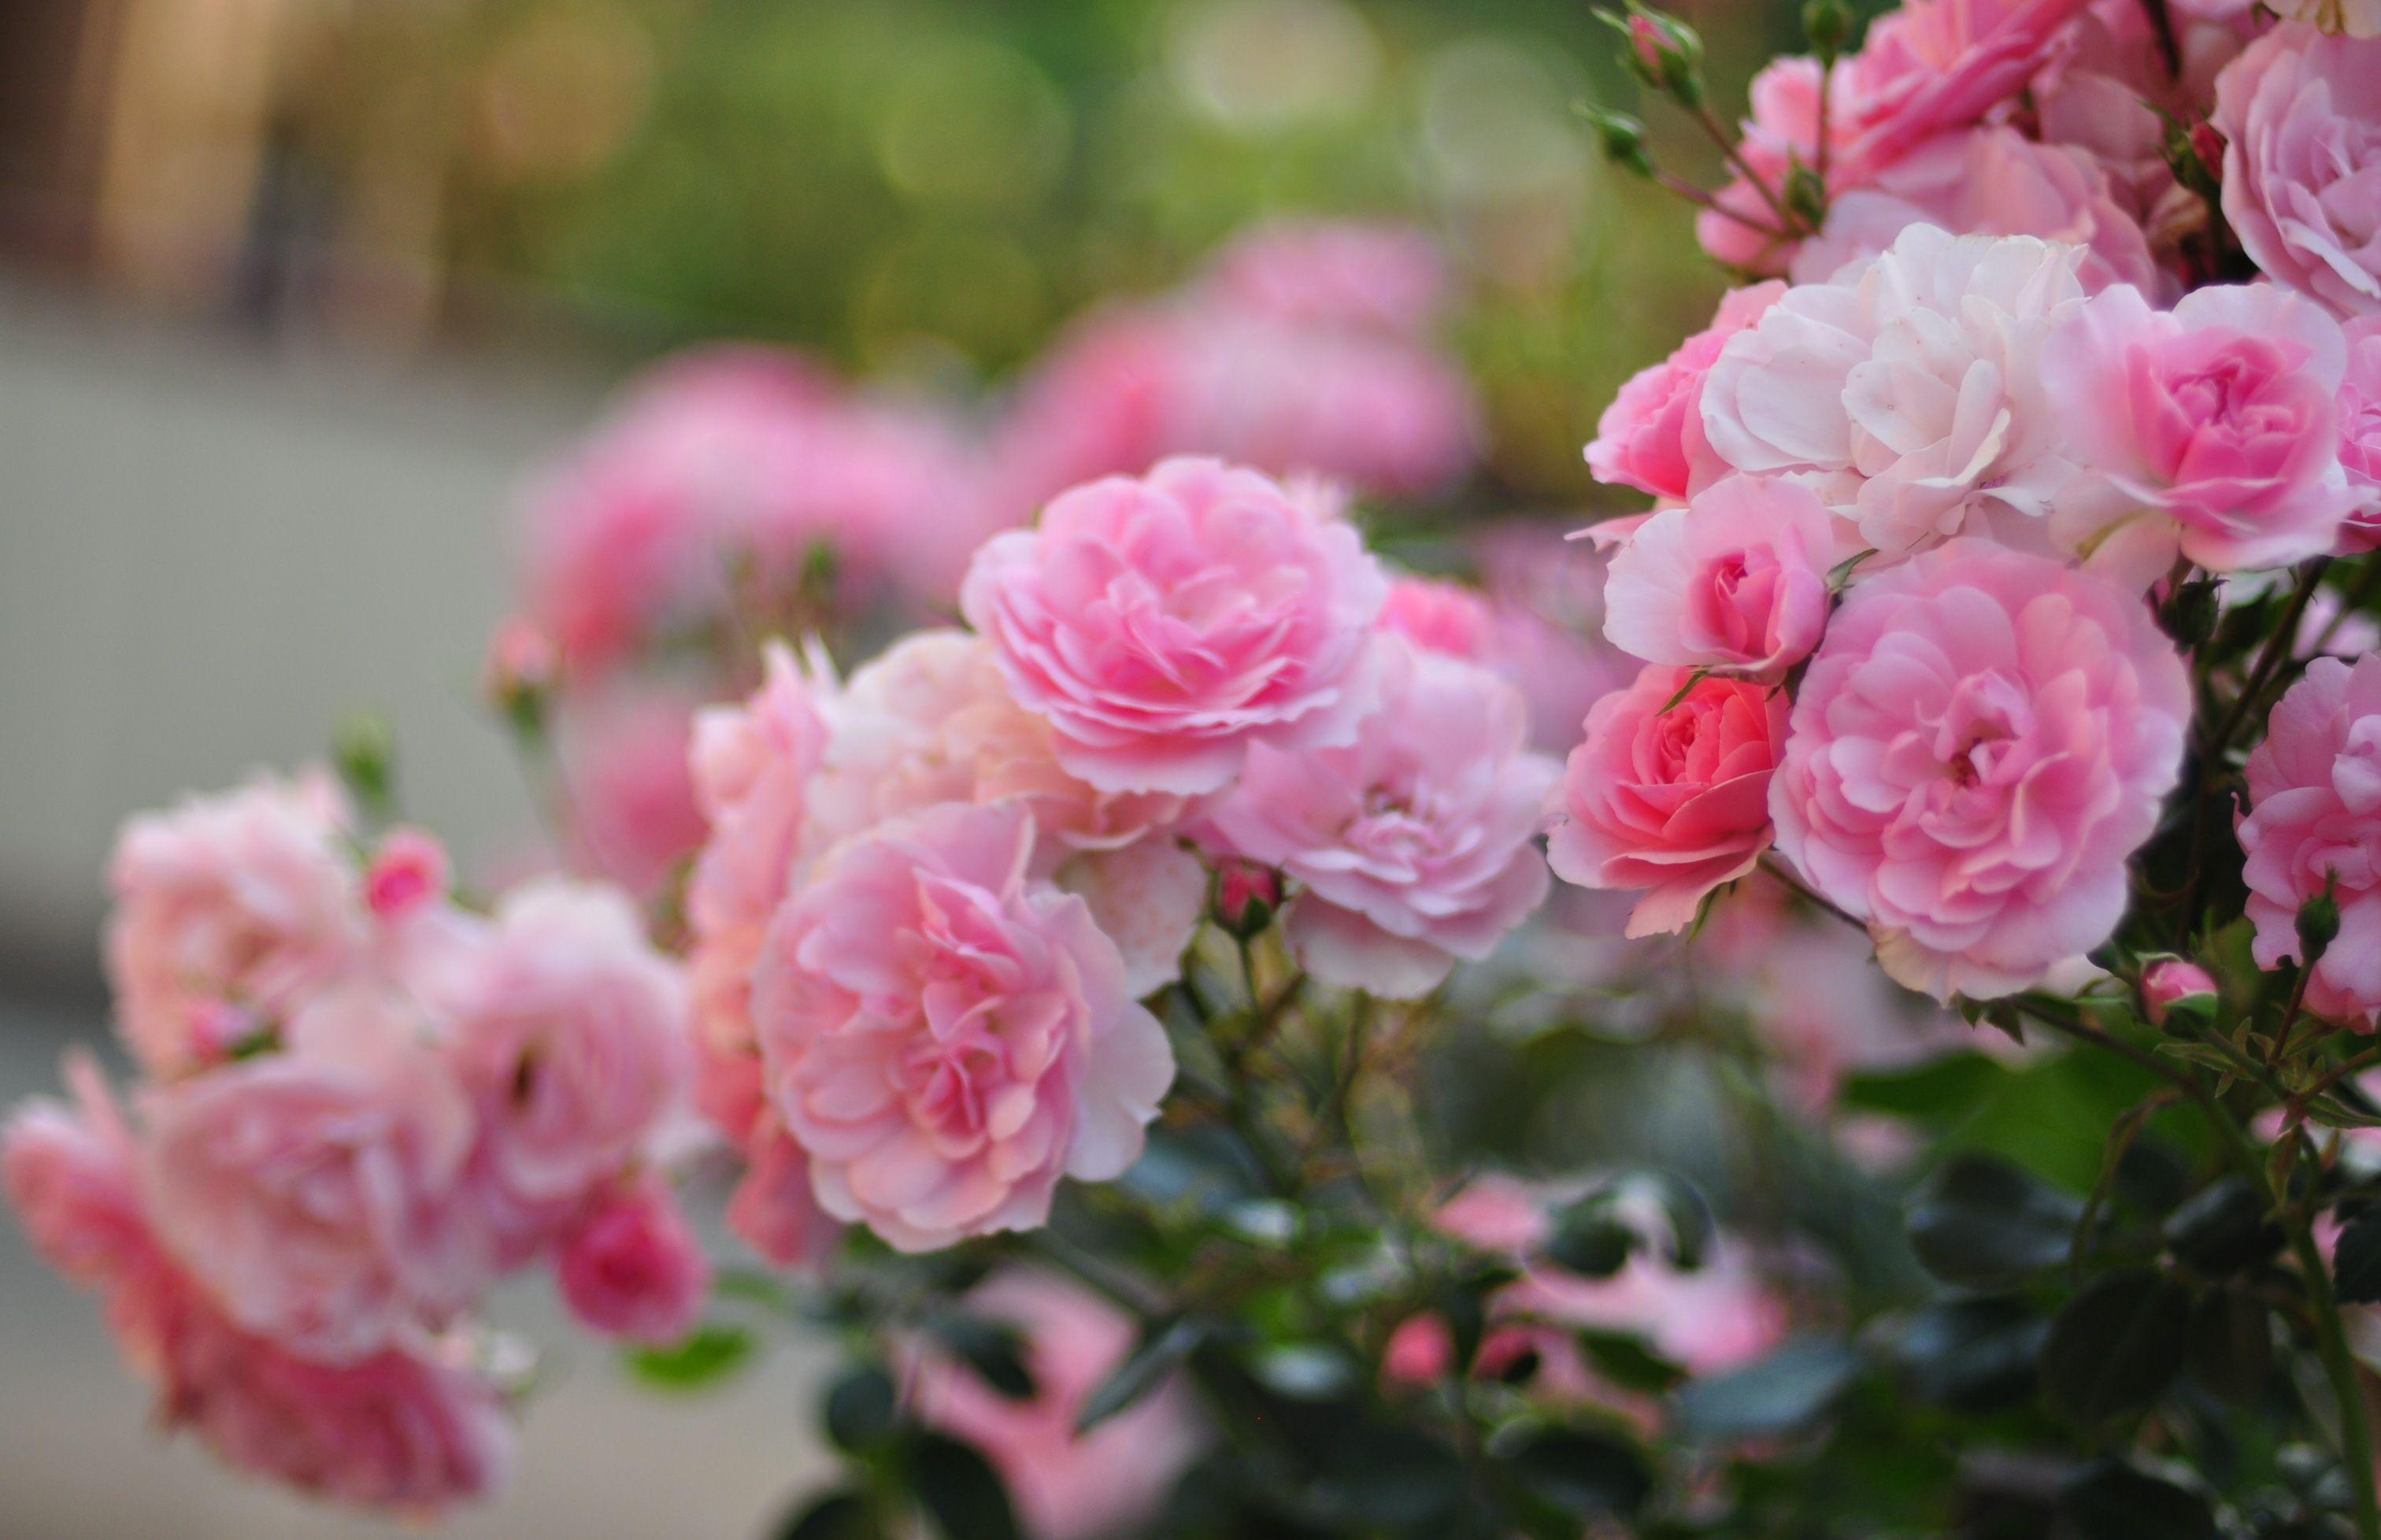 terre/nature - fleur - nature - roses - rose fond d'écran | fleur